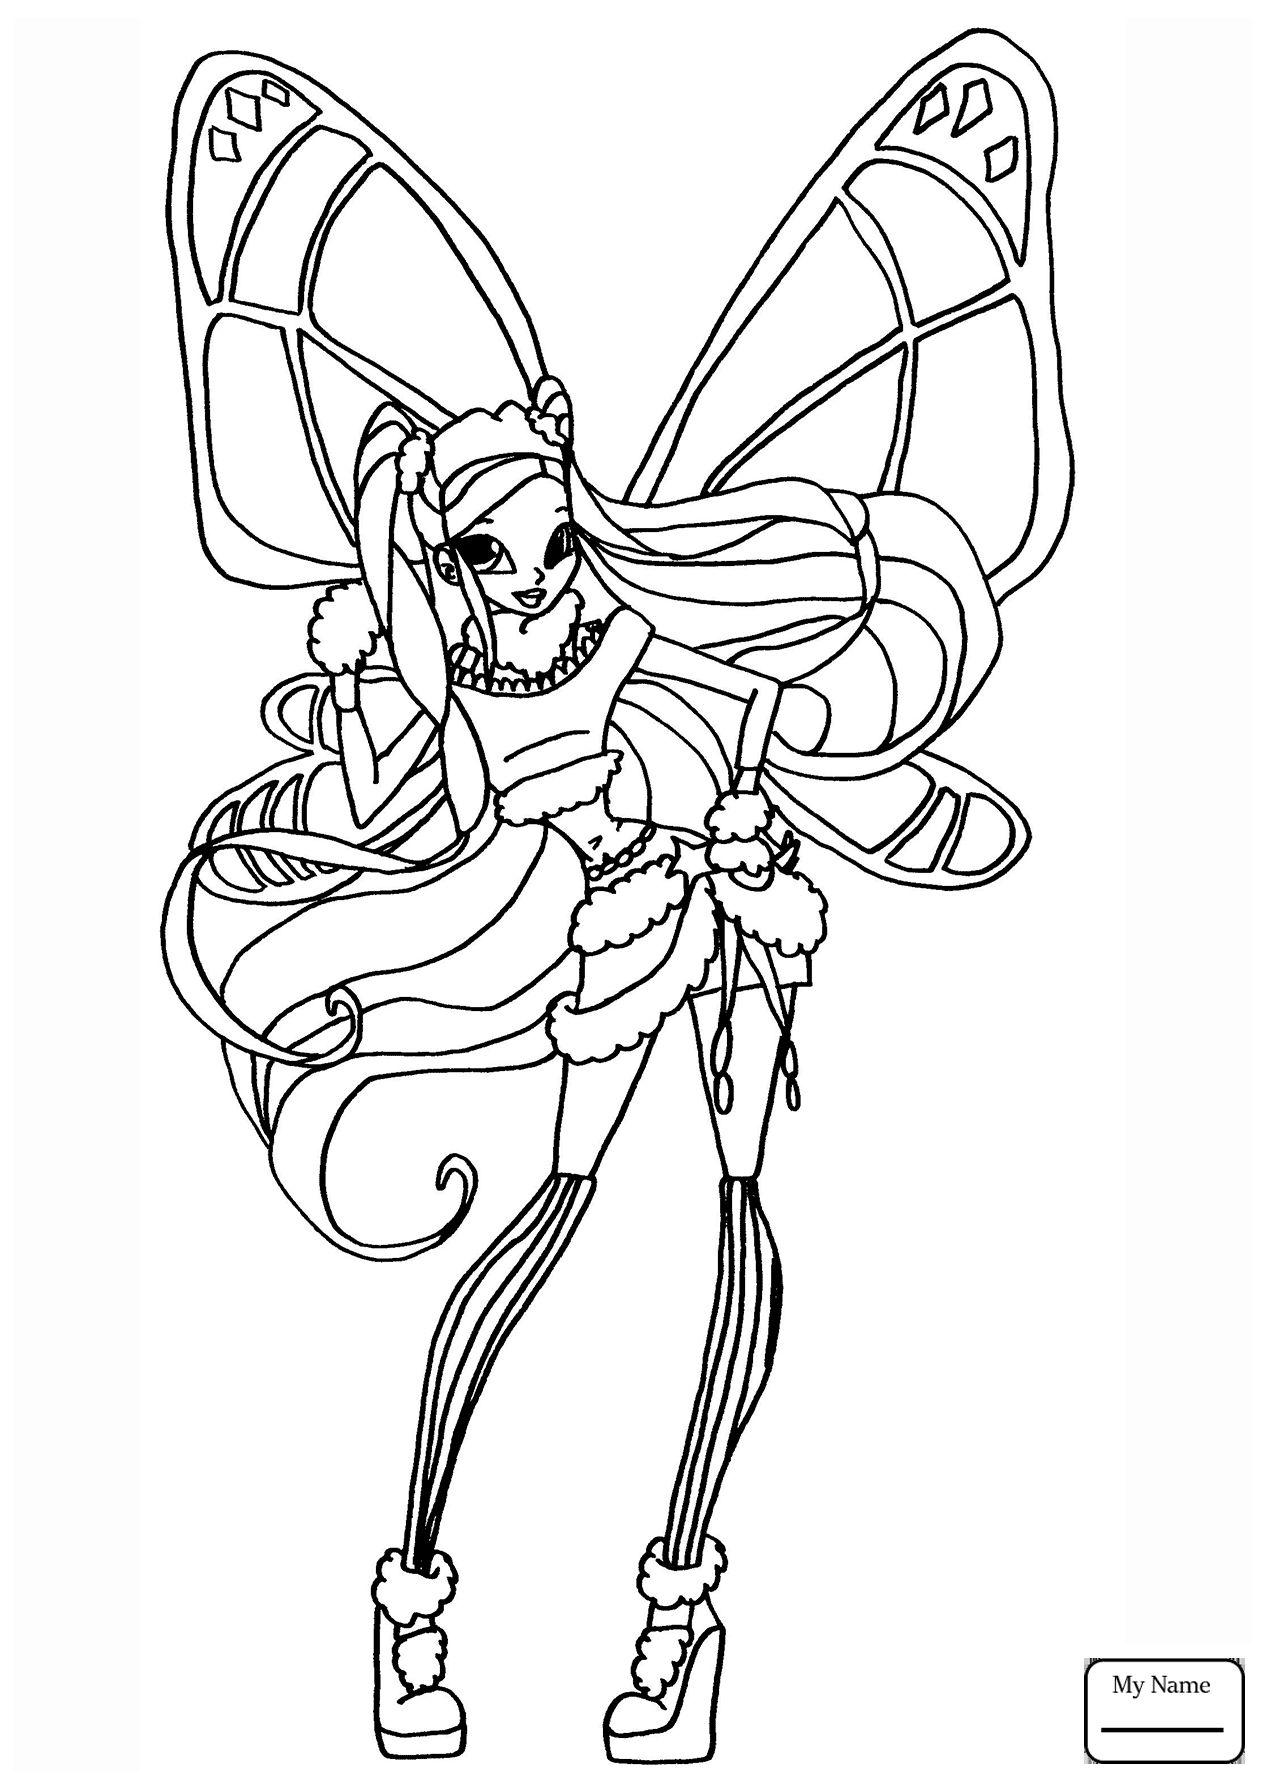 Tranh Tô Màu Công Chúa Phép Thuật Winx - Stella 17